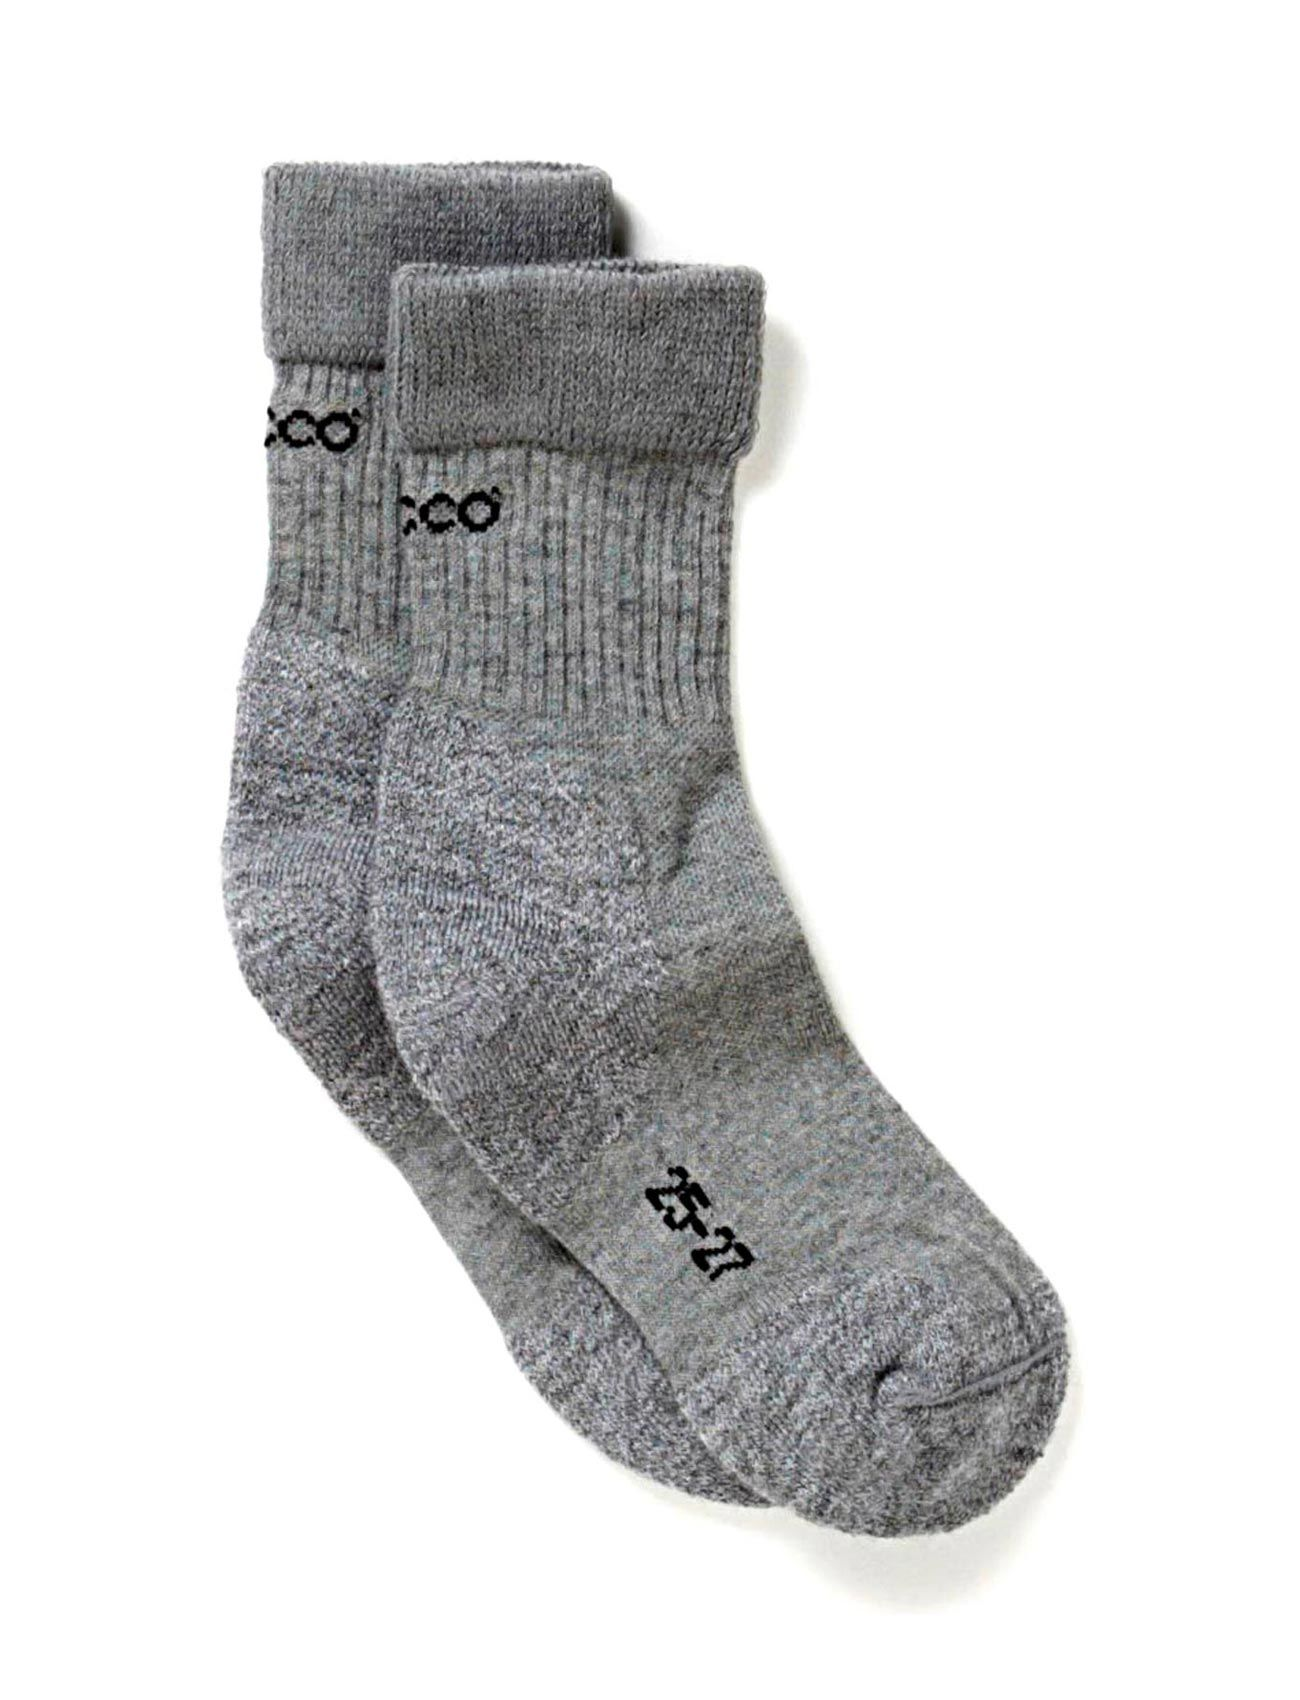 Technical Socks